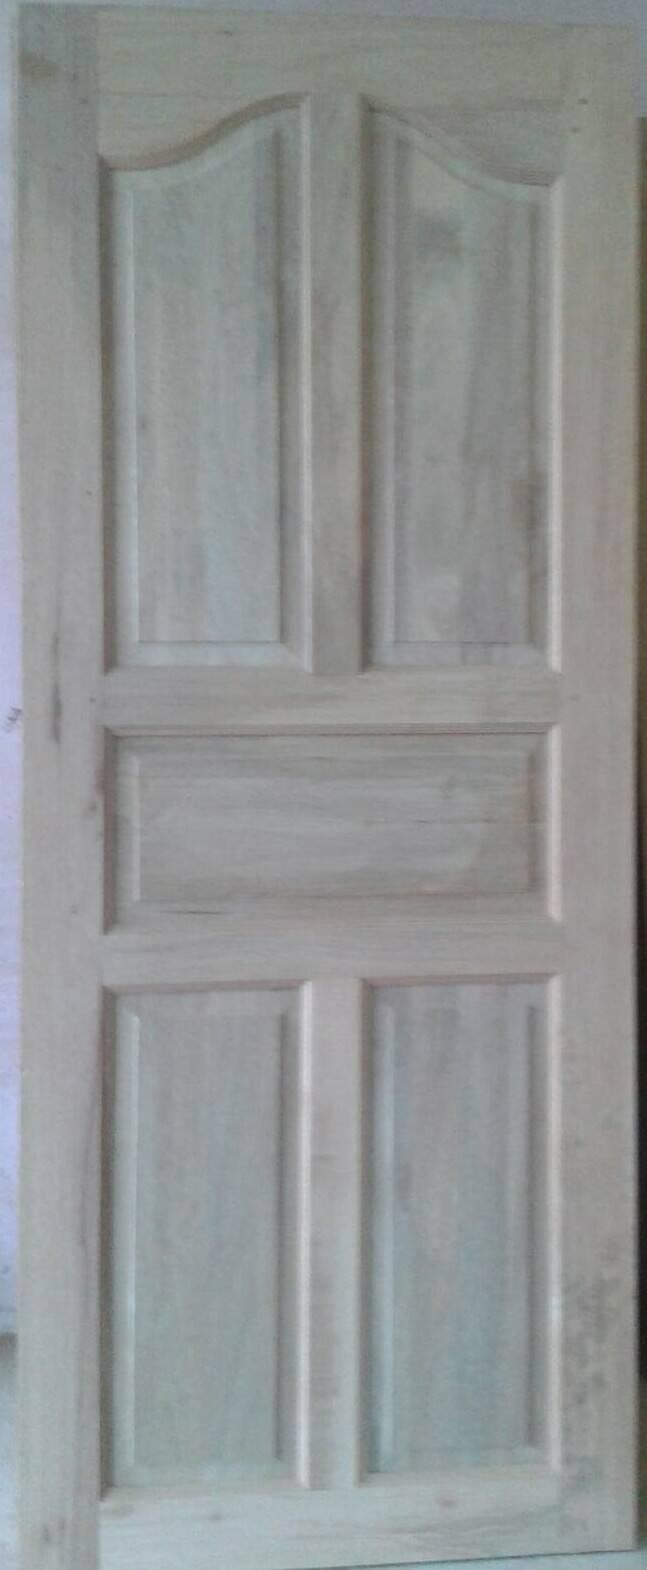 บานประตู ปีกนก 5 ฟัก